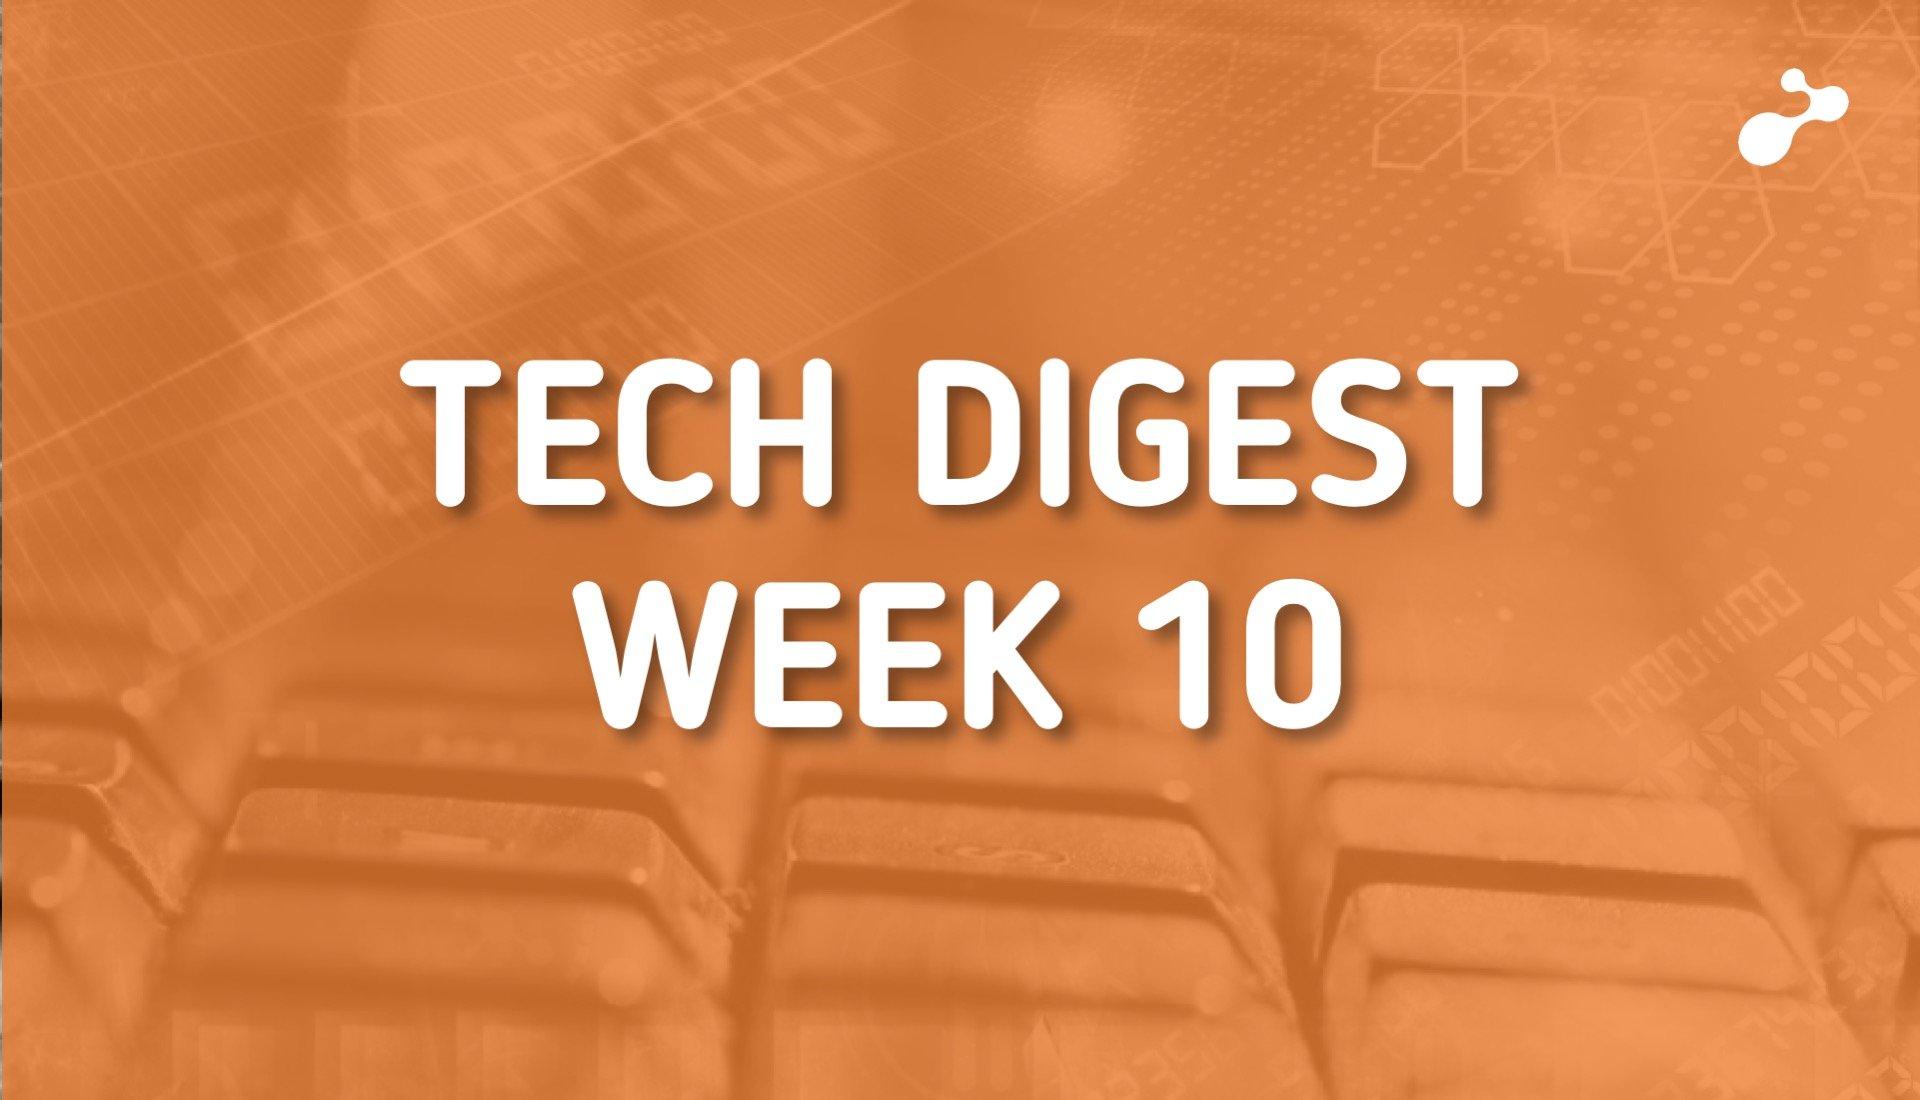 tech-digest-week-10